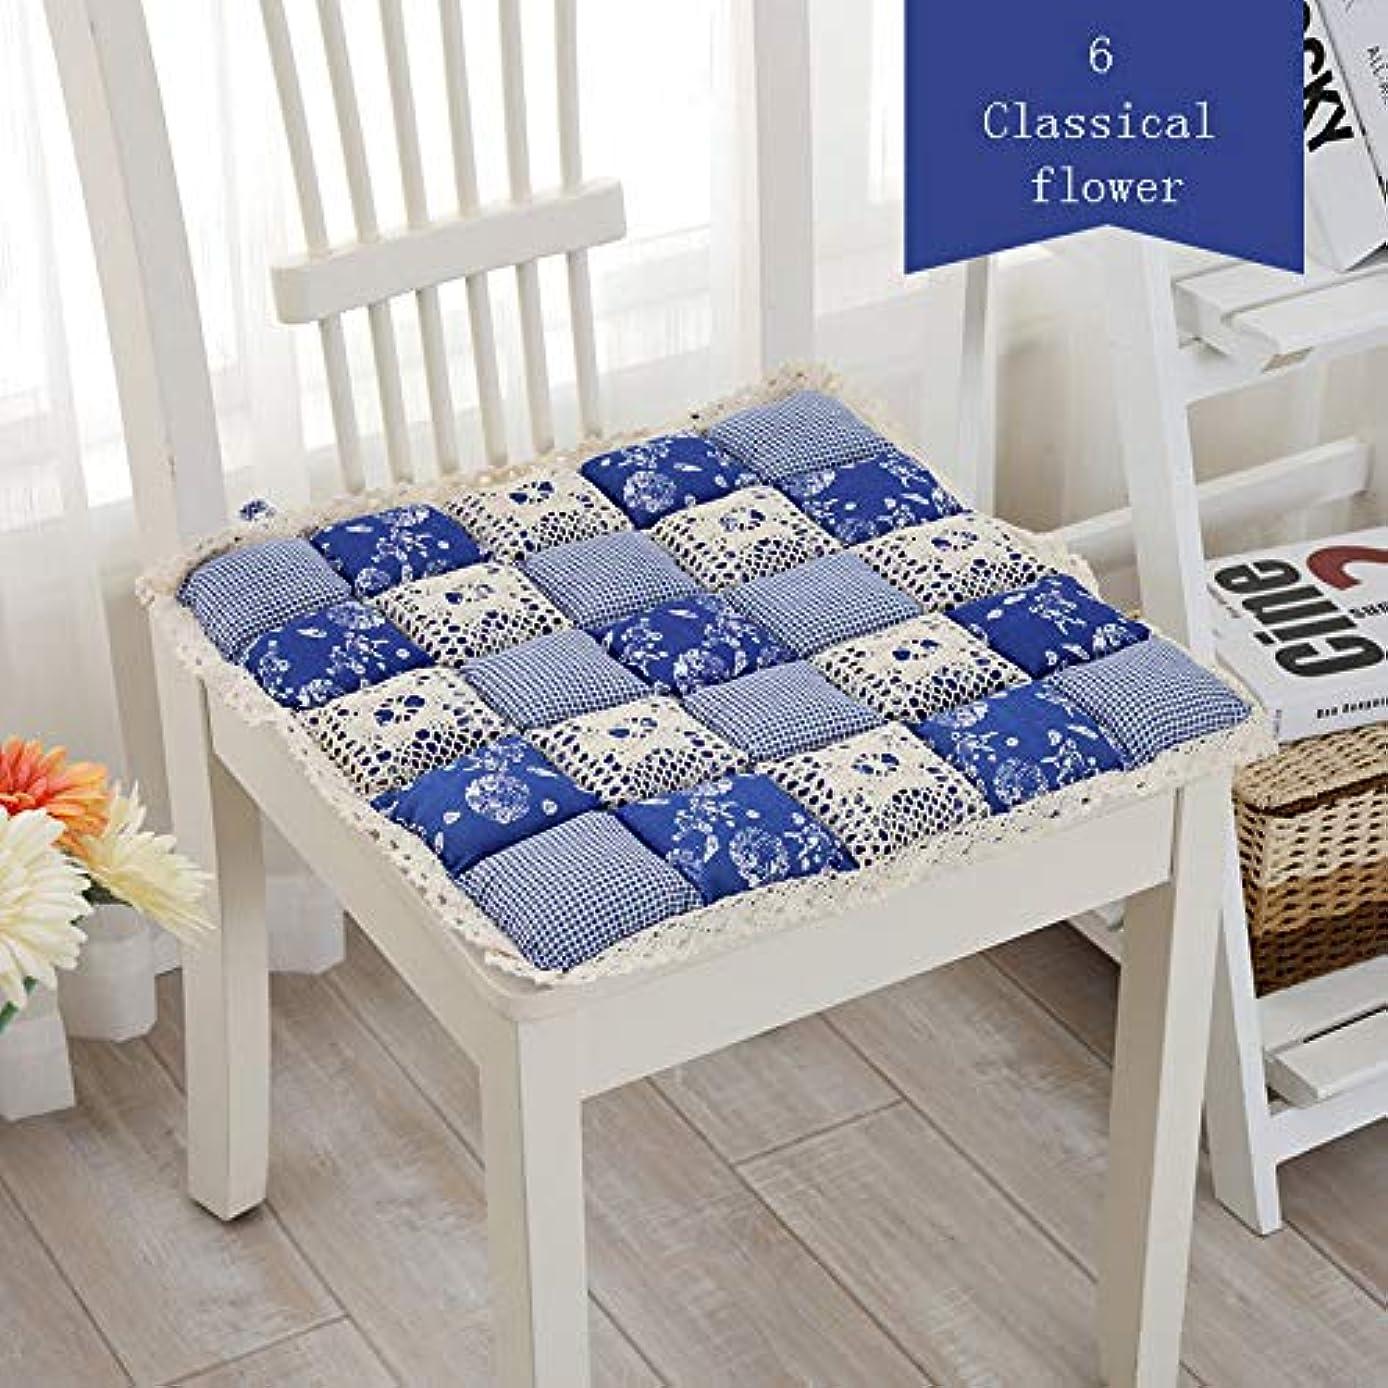 本絶滅した論理的LIFE 1 個抗褥瘡綿椅子クッション 24 色ファッションオフィス正方形クッション学生チェアクッション家の装飾厚み クッション 椅子